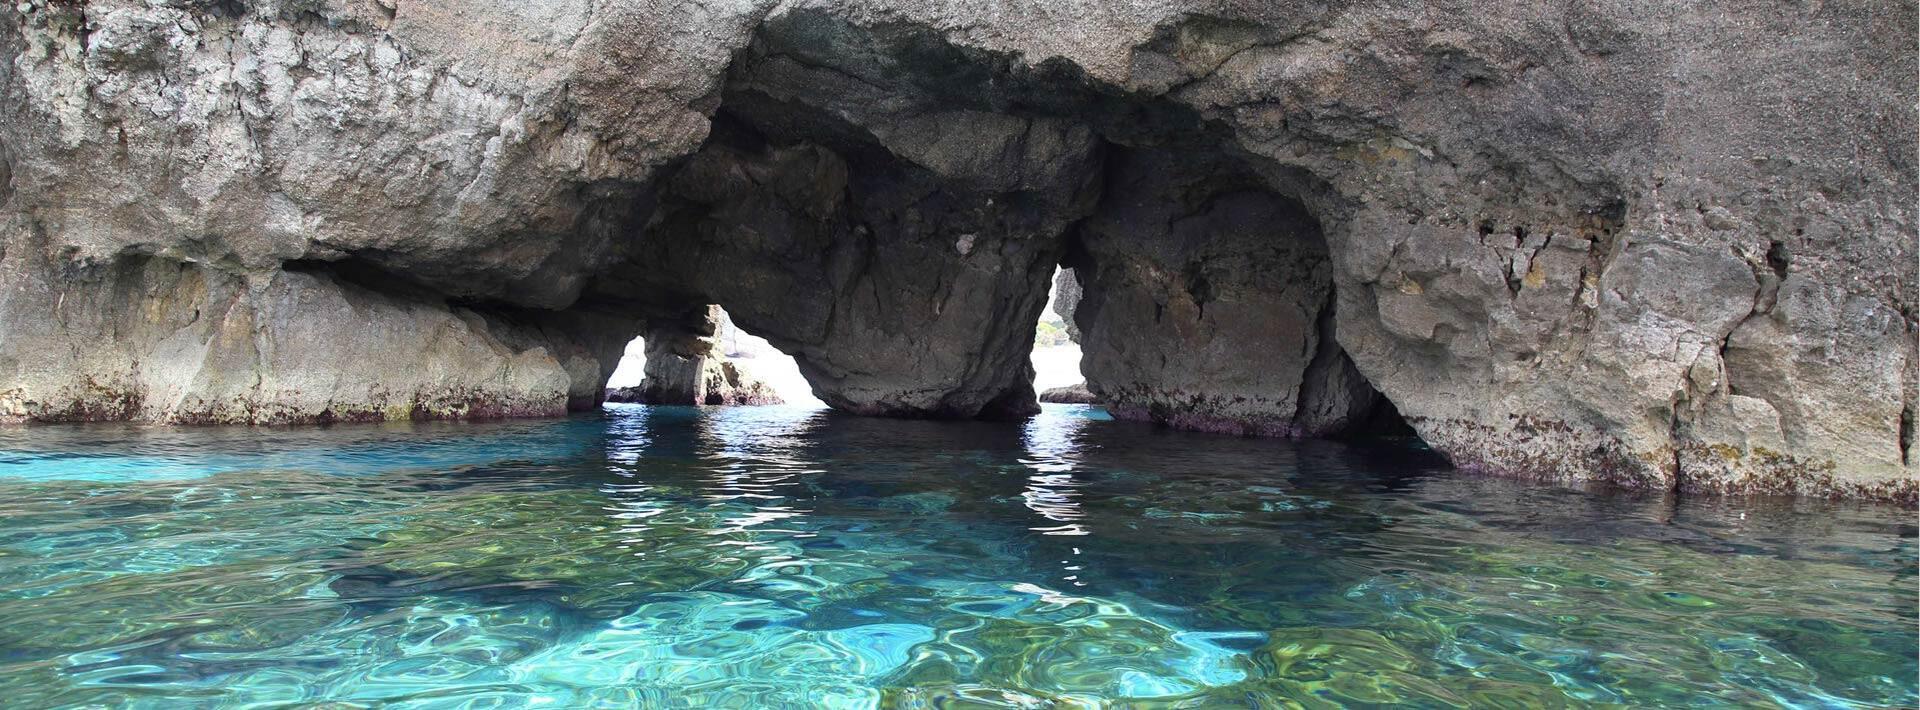 villaggioilgabbiano it itinerario-del-mare_i1 010